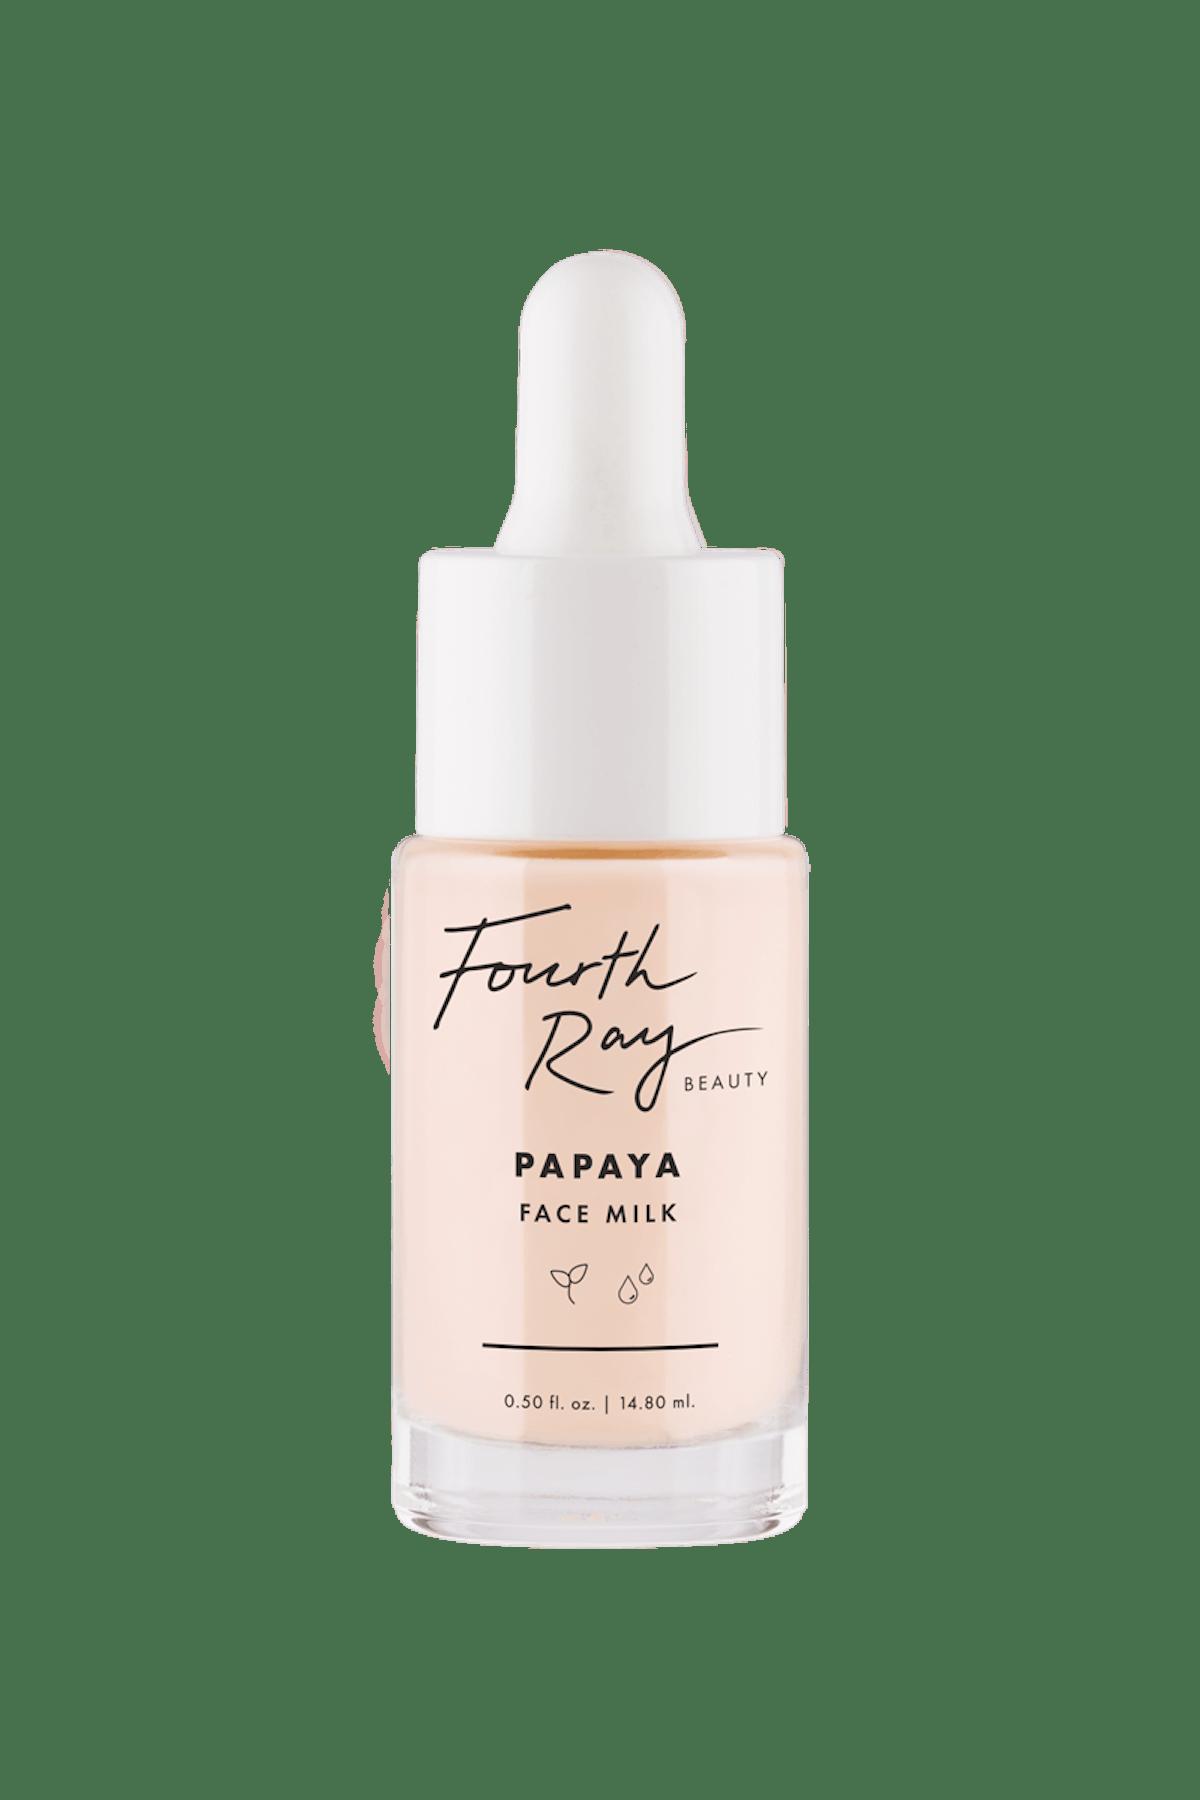 Papaya Face Milk